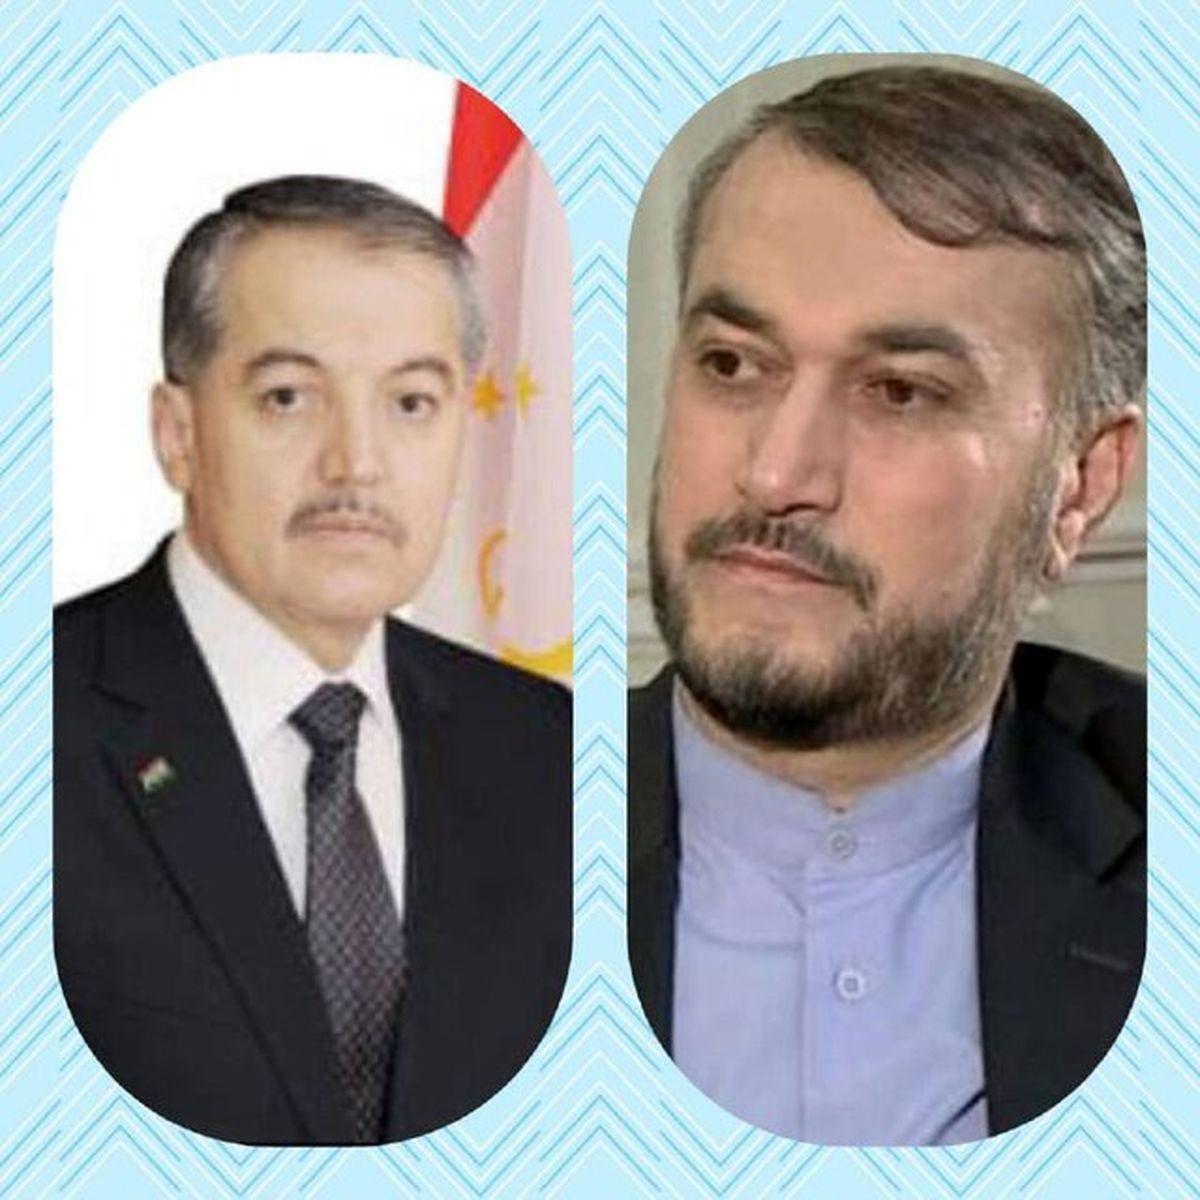 تبریک وزیر خارجه تاجیکستان به امیرعبداللهیان